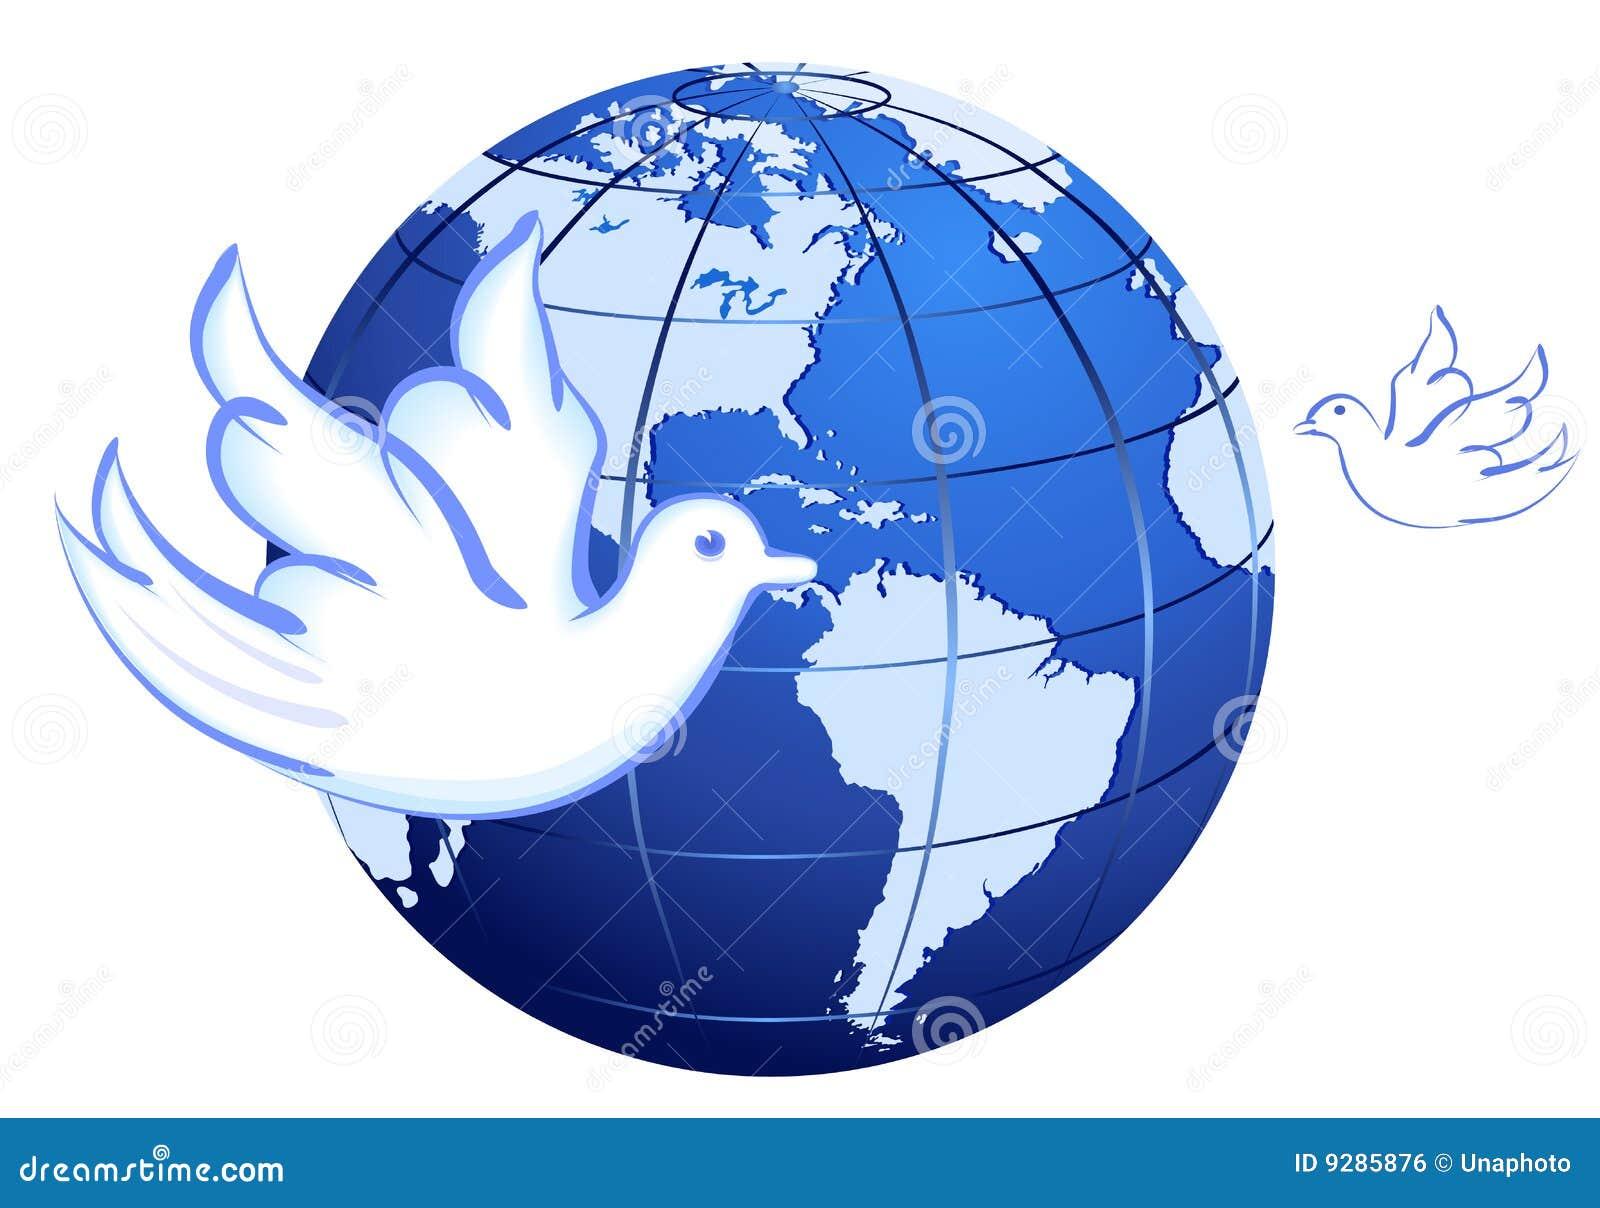 vrede aan de wereld met duiven wit vector illustratie